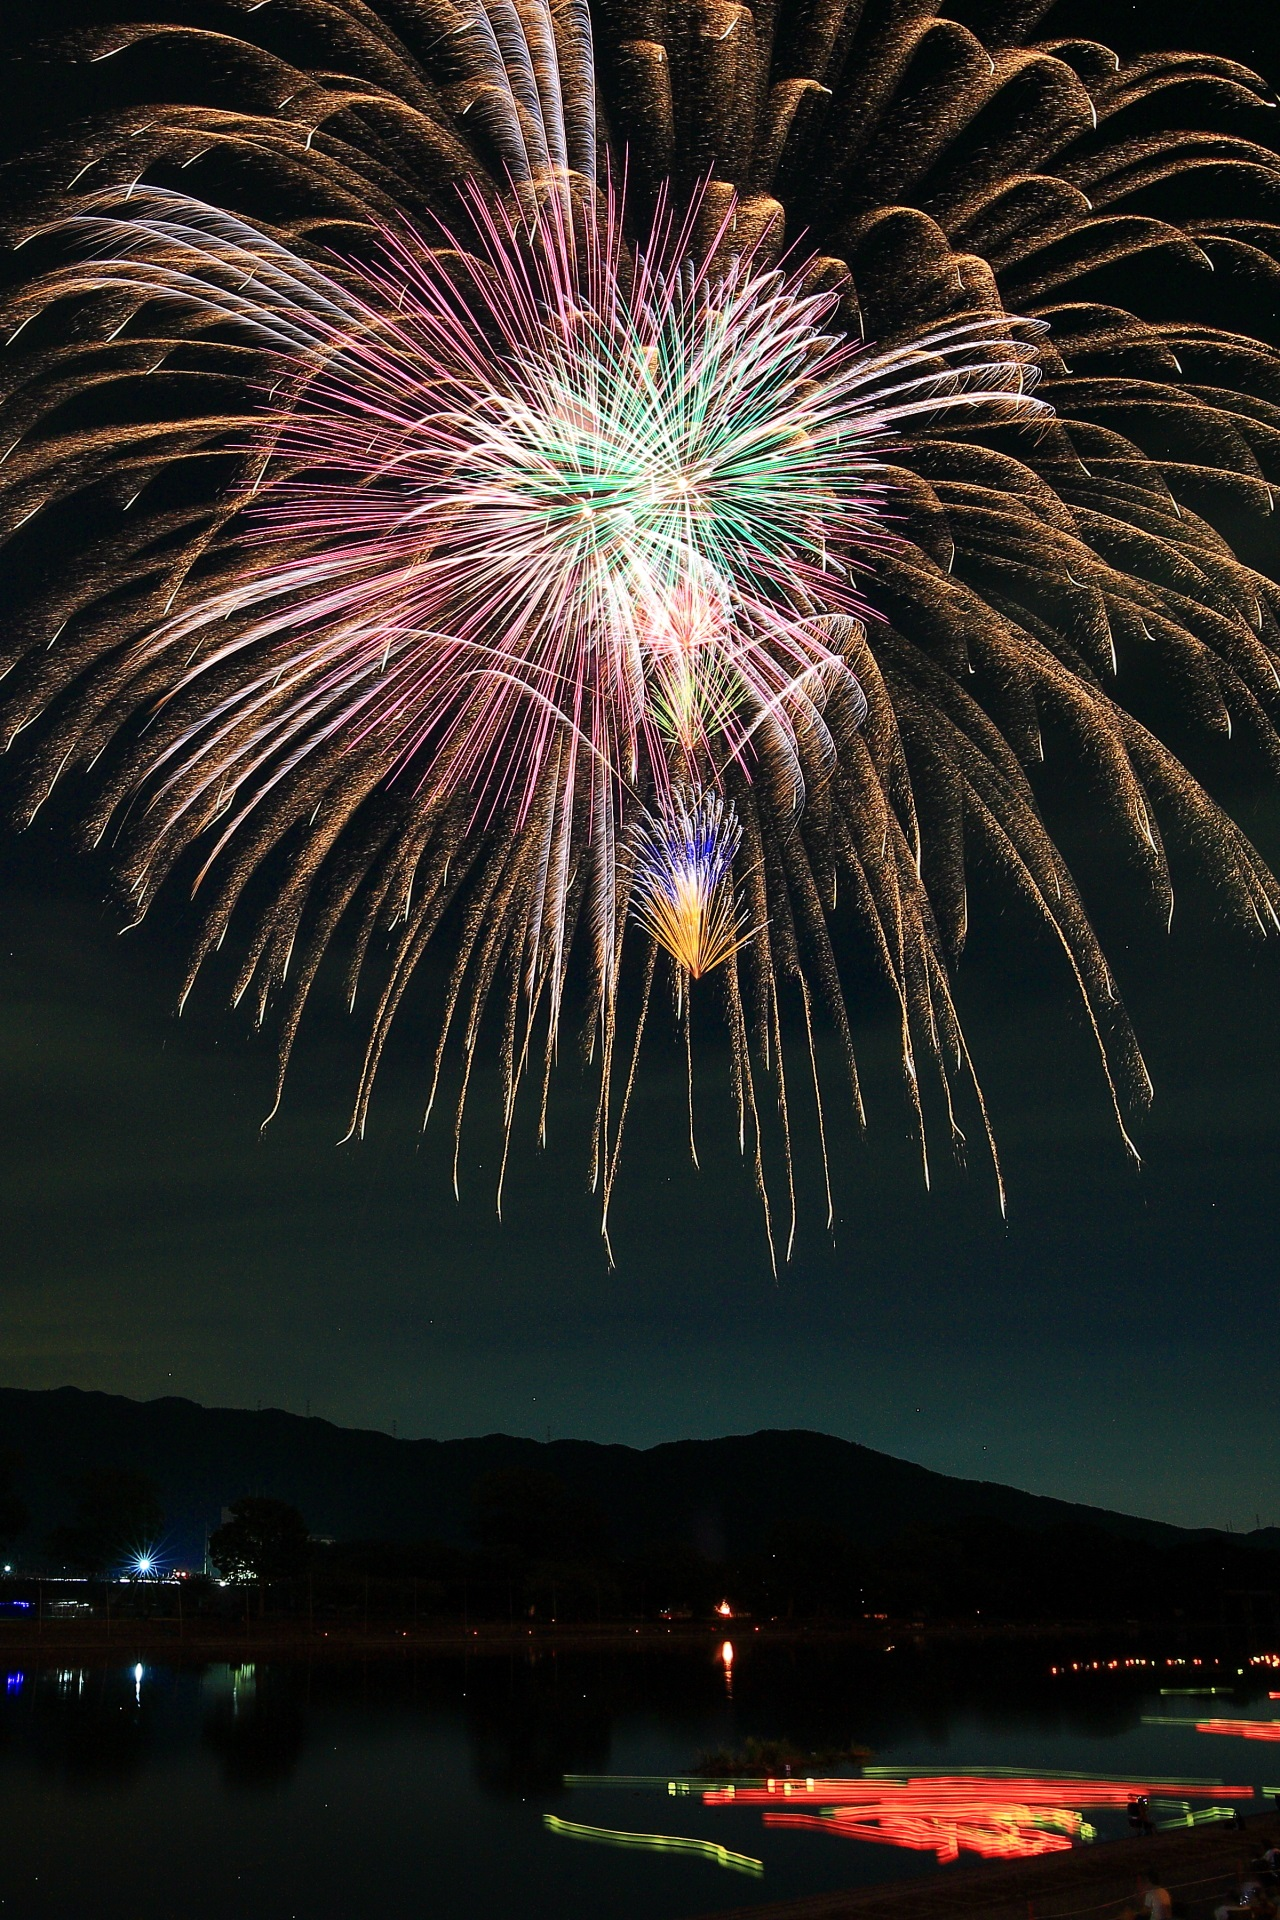 夜空を照らしながら落ちて行く南丹市金色の花火の枝